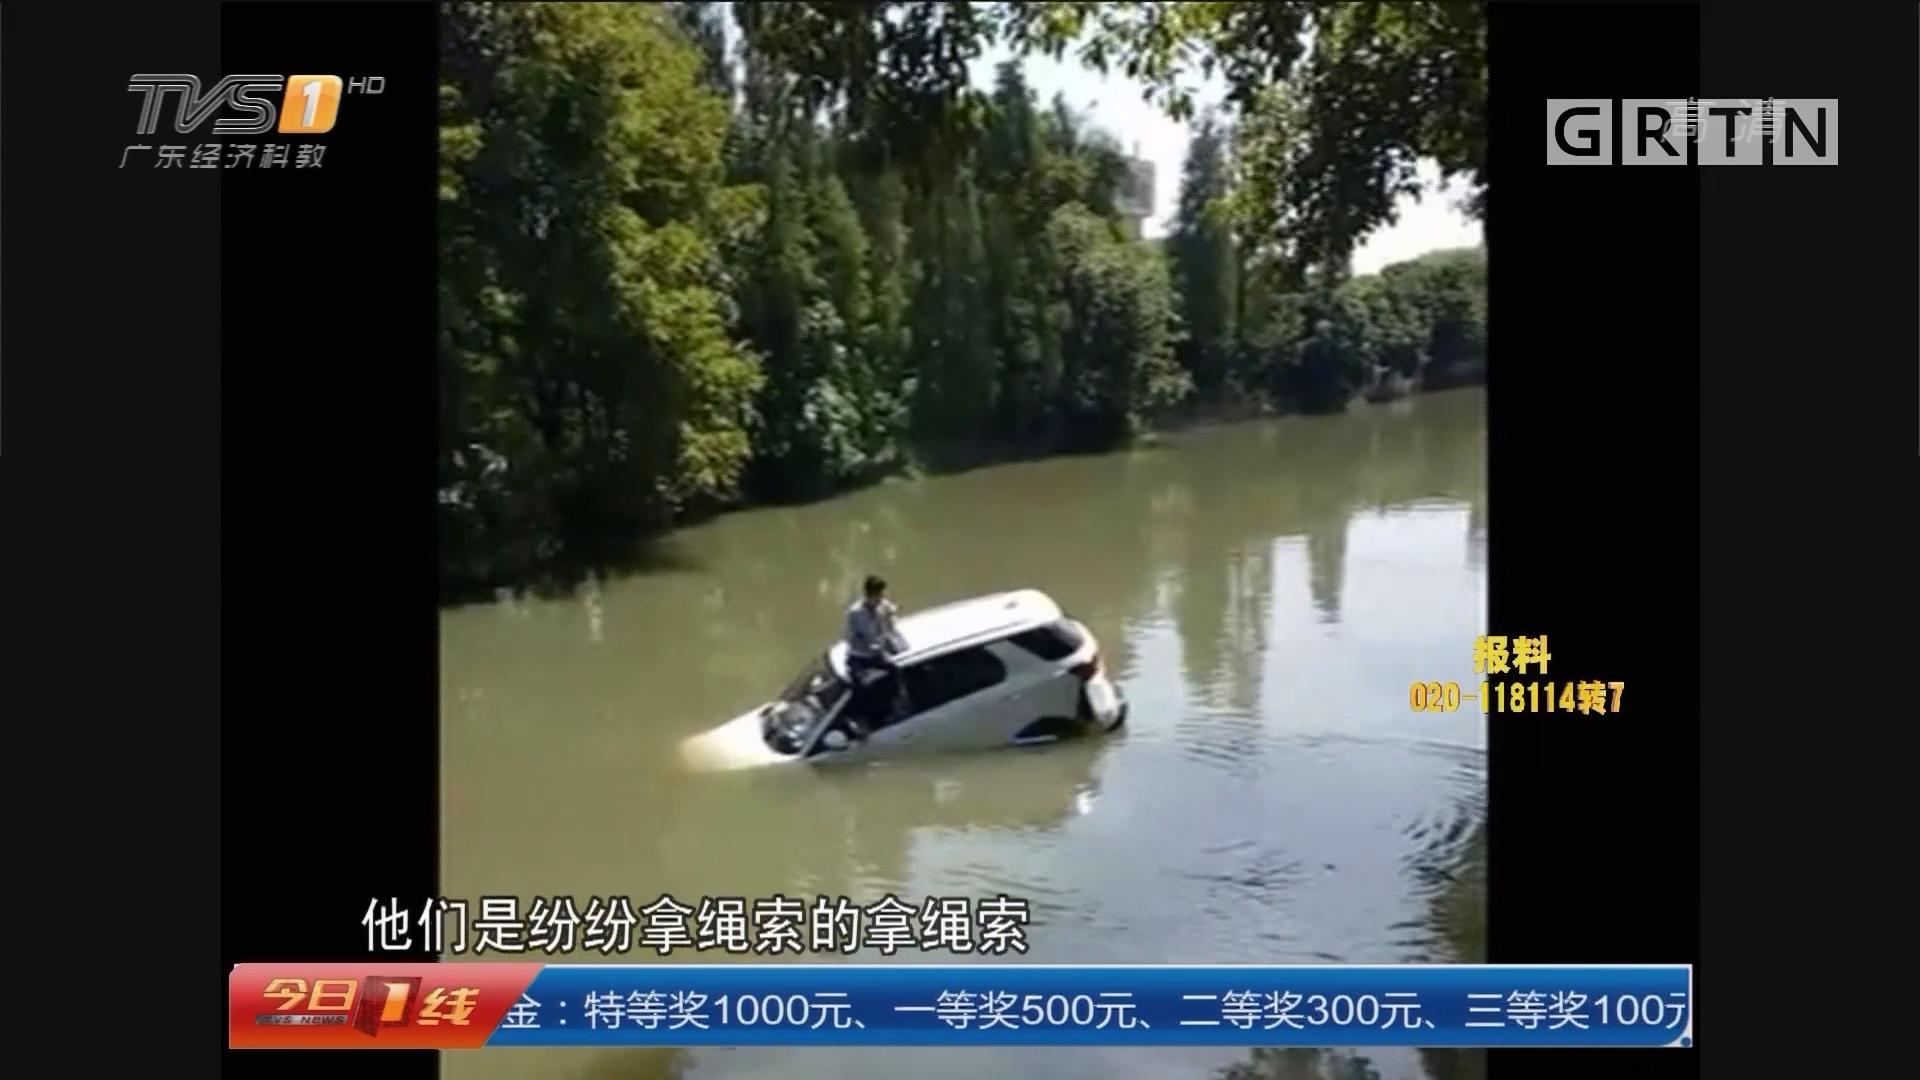 东莞望牛墩:新车落水车主被困 街坊齐伸援手